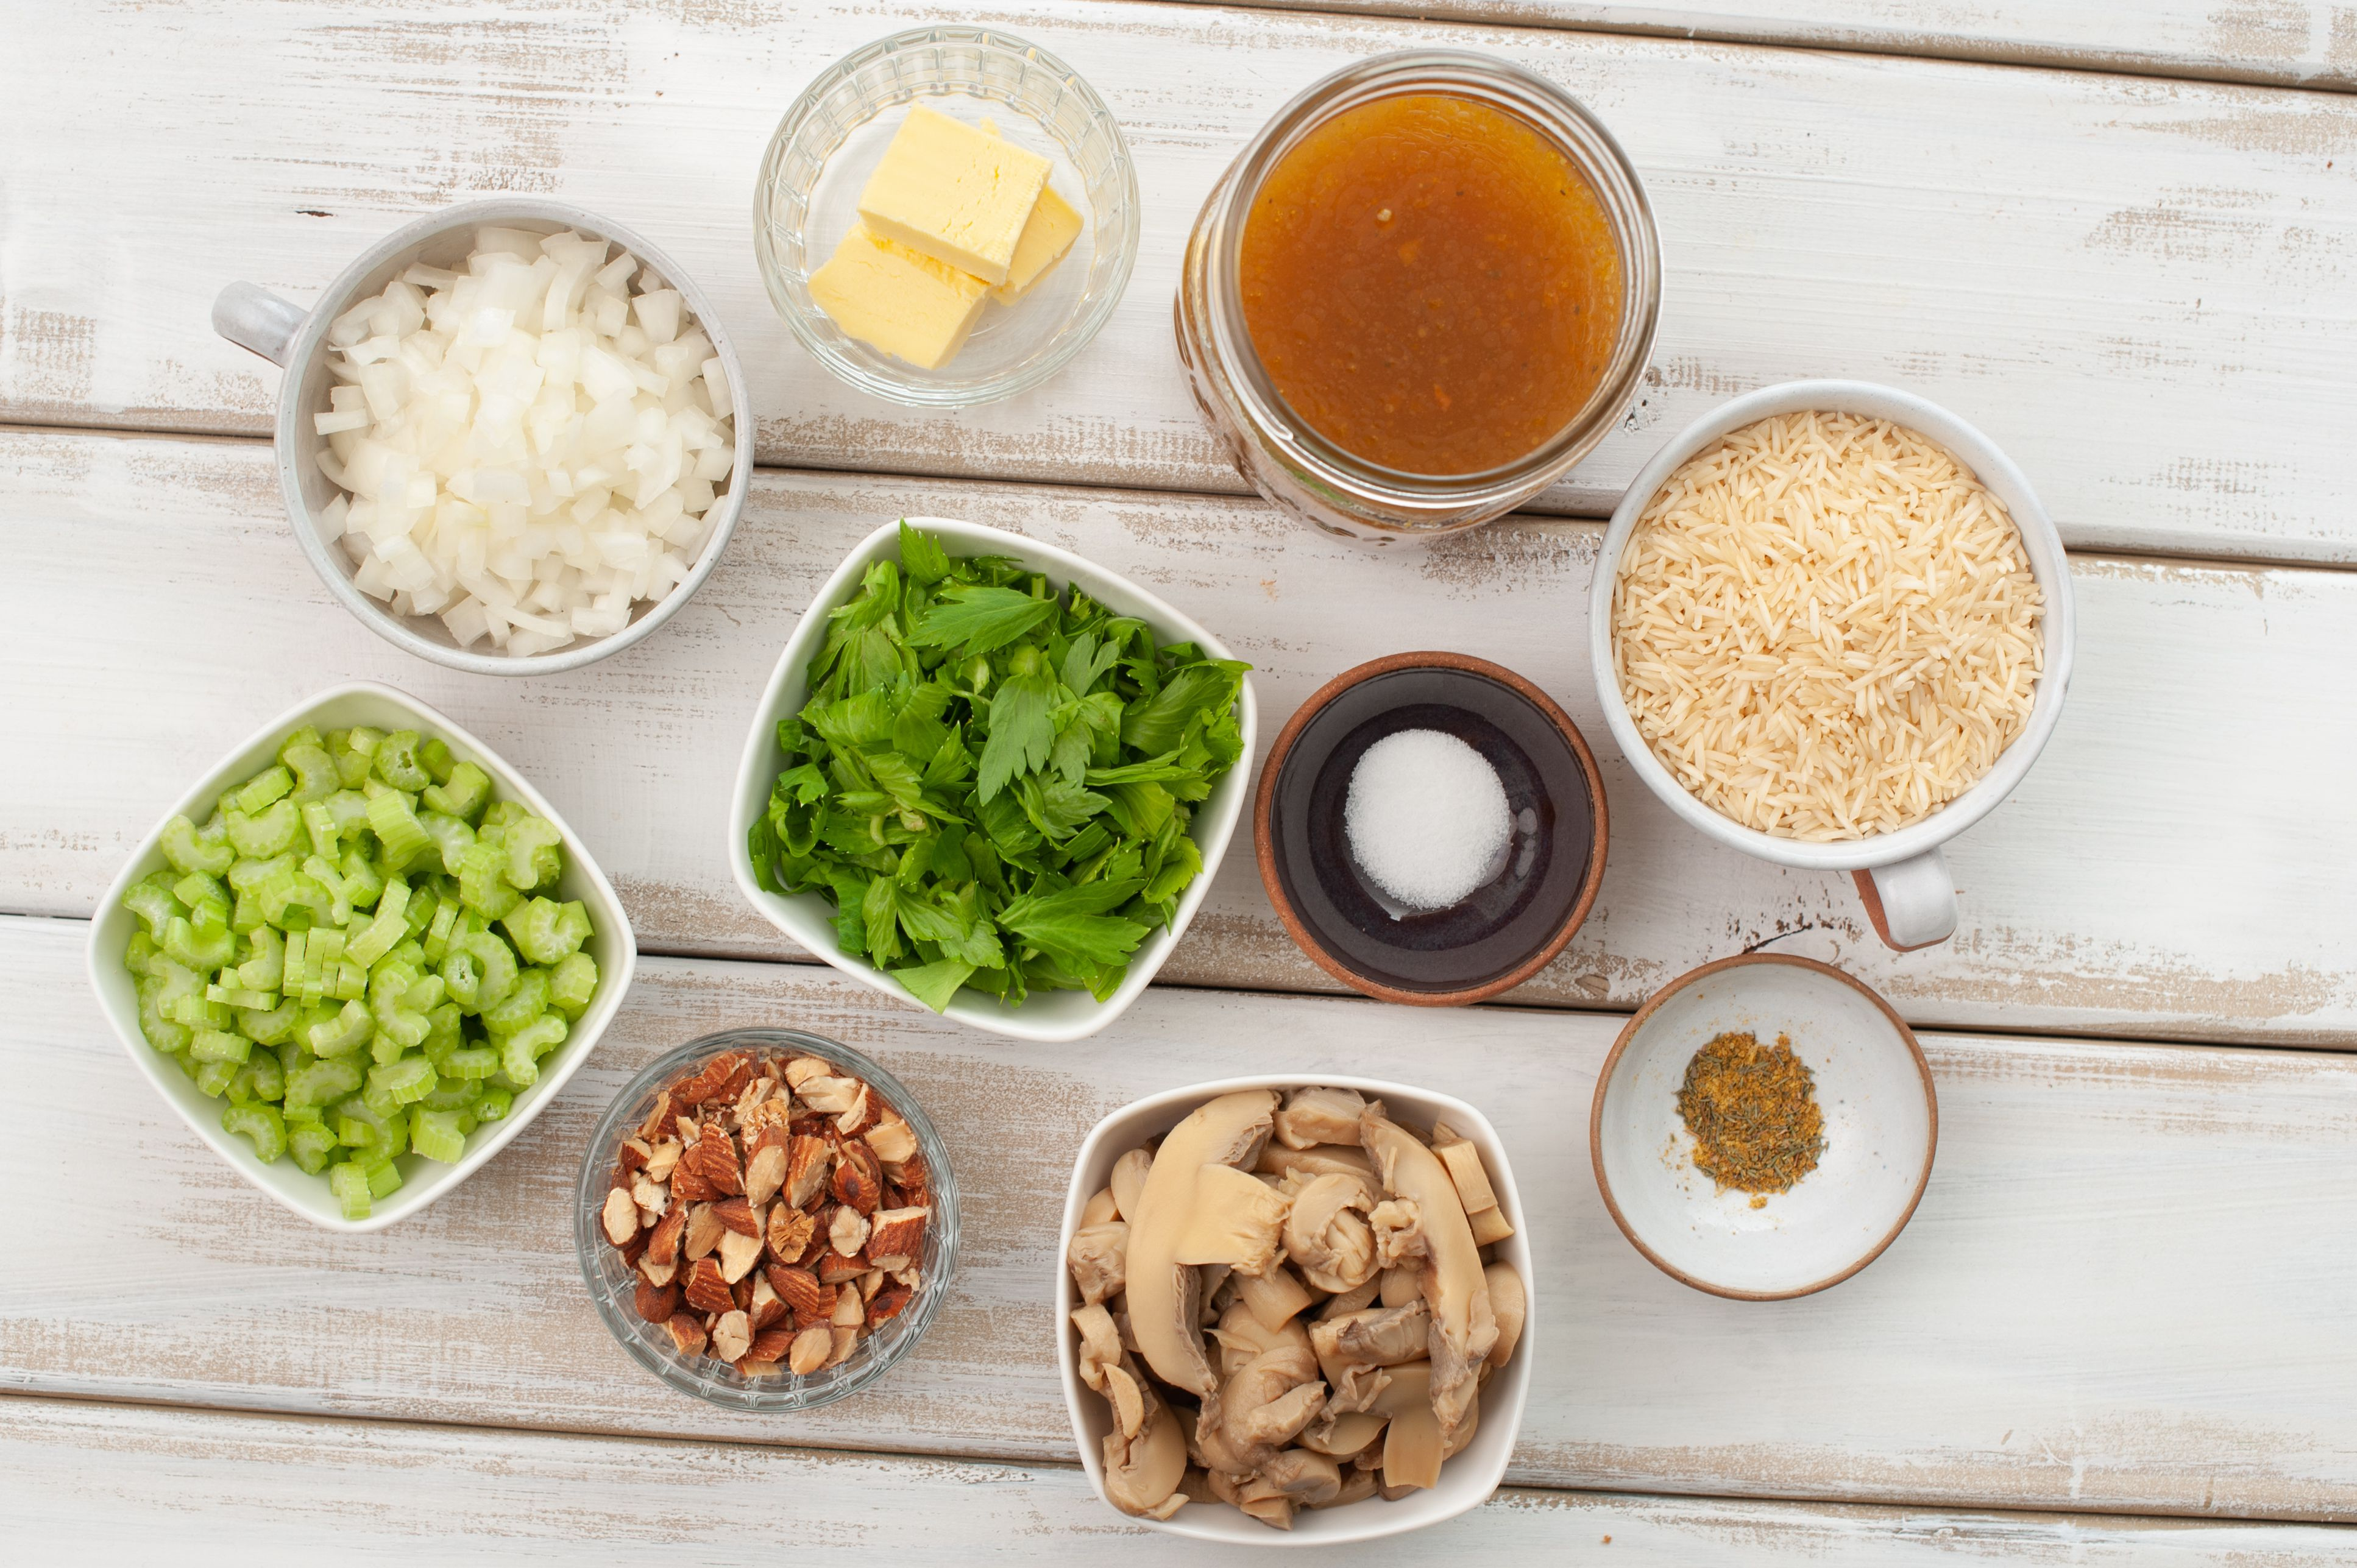 Ingredients for gluten free vegetarian rice stuffing